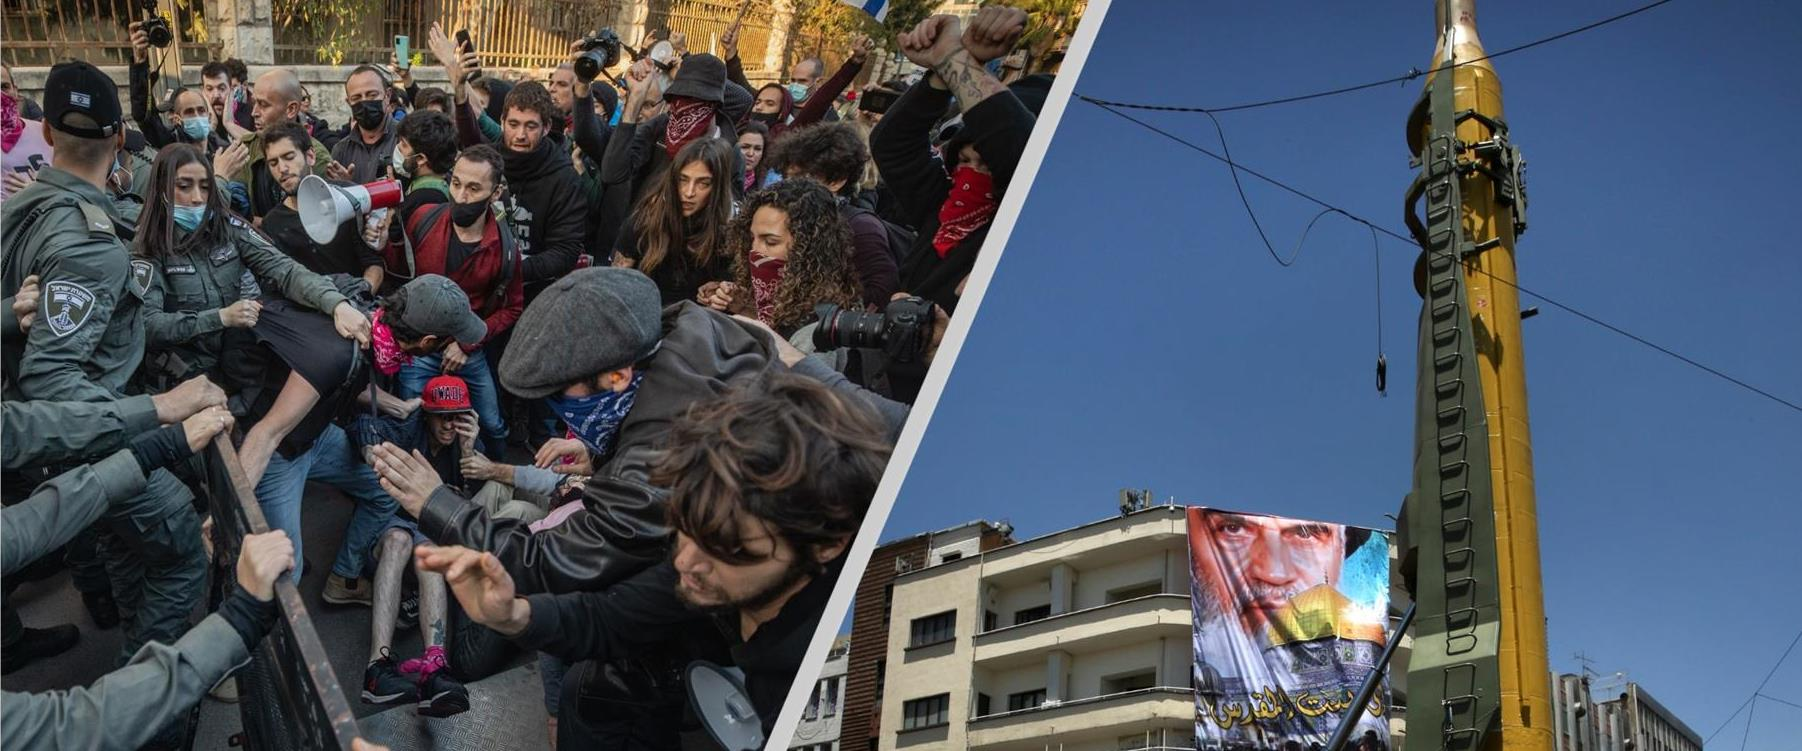 טיל מוצג בתהלוכת יום אל קודס באיראן, עימותים בהפגו